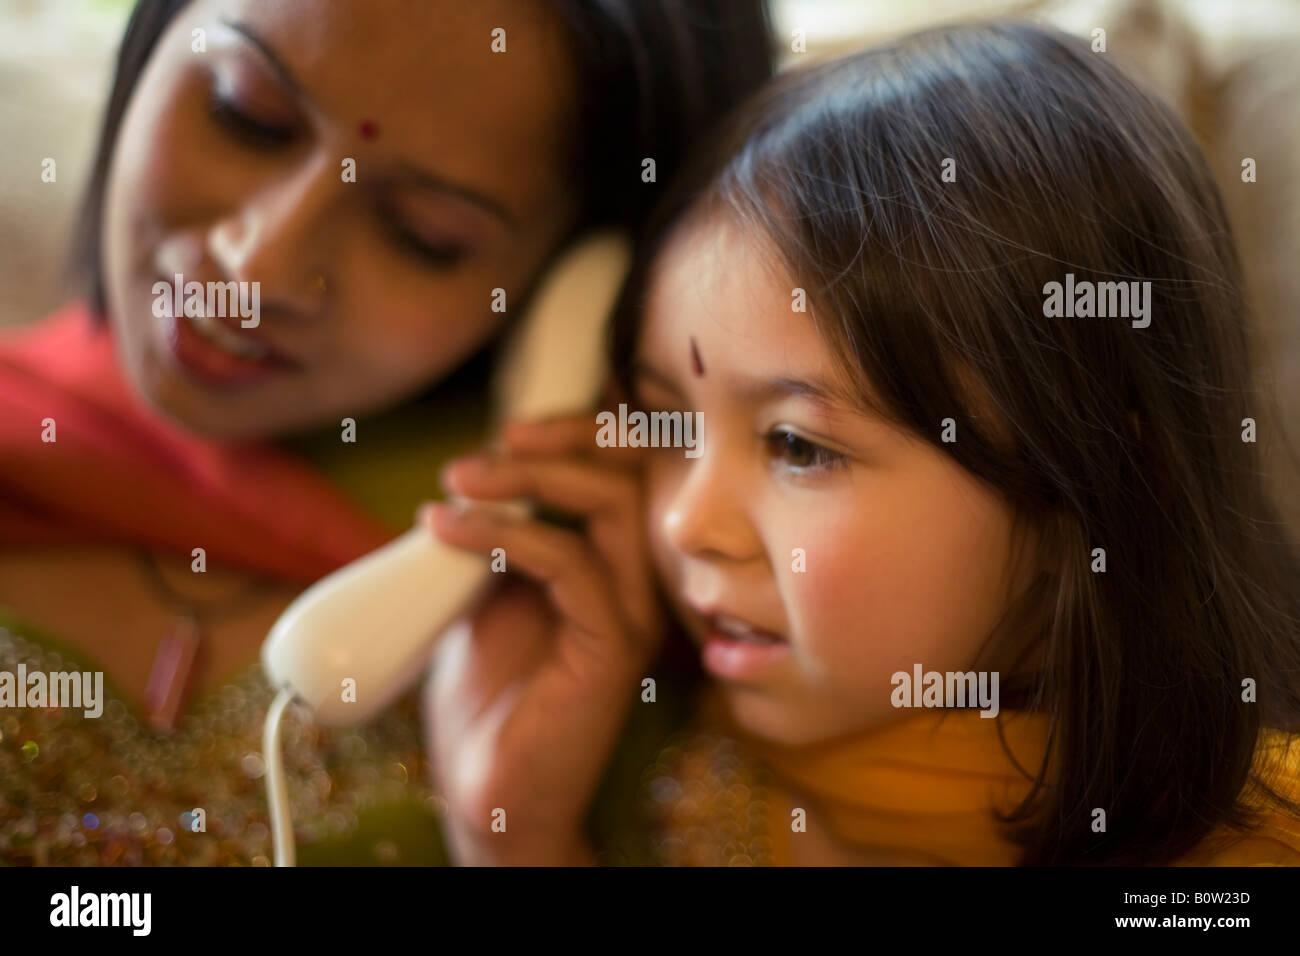 Madre pakistaní y la hija de raza mixta en la vestimenta tradicional teléfono home Imagen De Stock